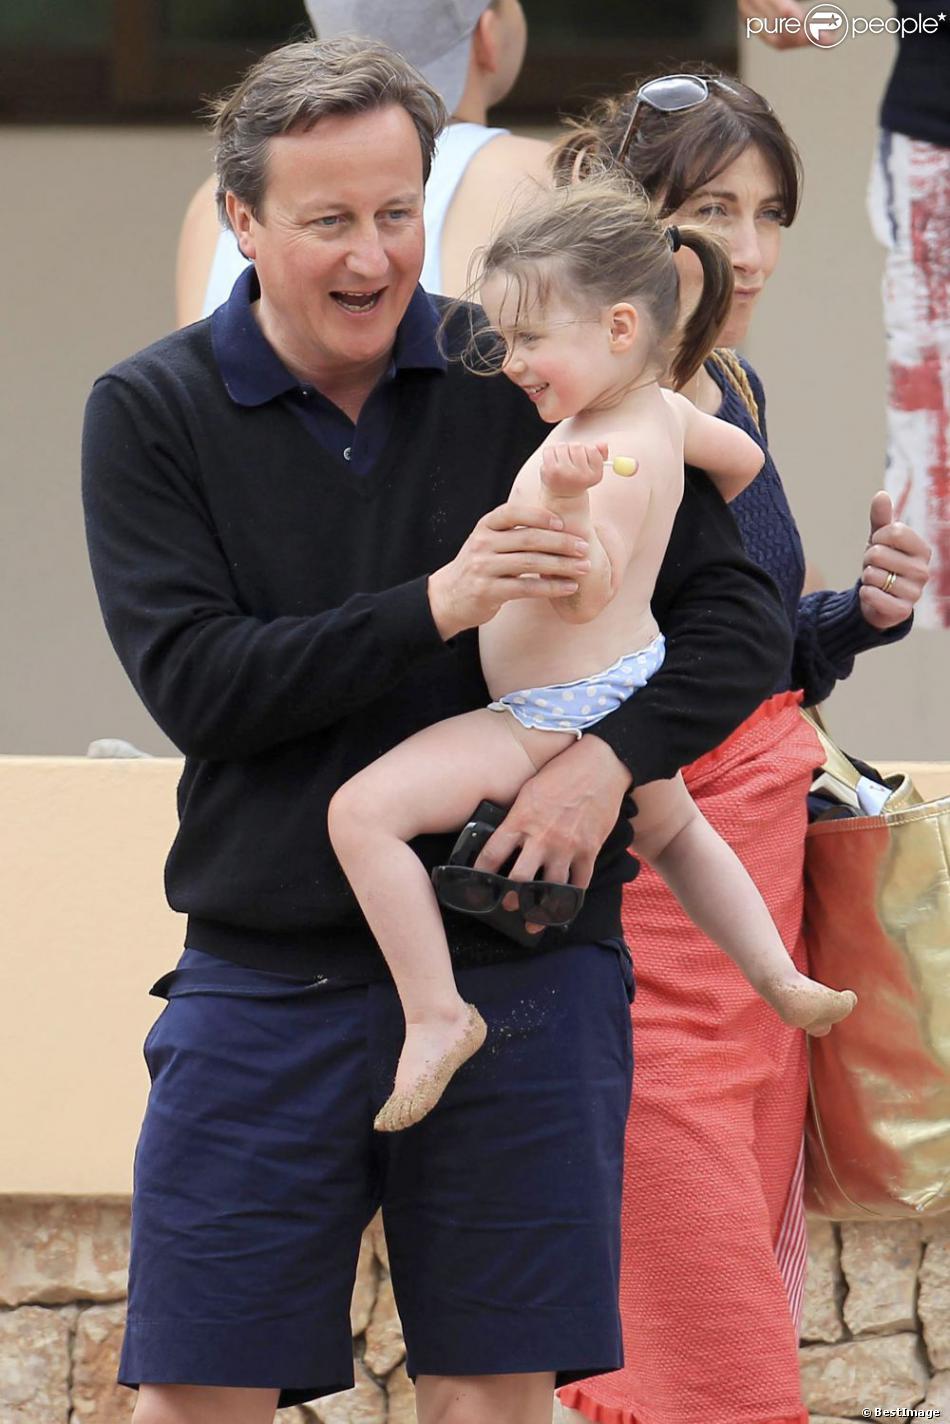 Le Premier ministre anglais David Cameron en vacances avec sa femme Samantha et leurs enfants Nancy, Arthur et Florence à Ibiza le 27 mai 2013 - Exclusif